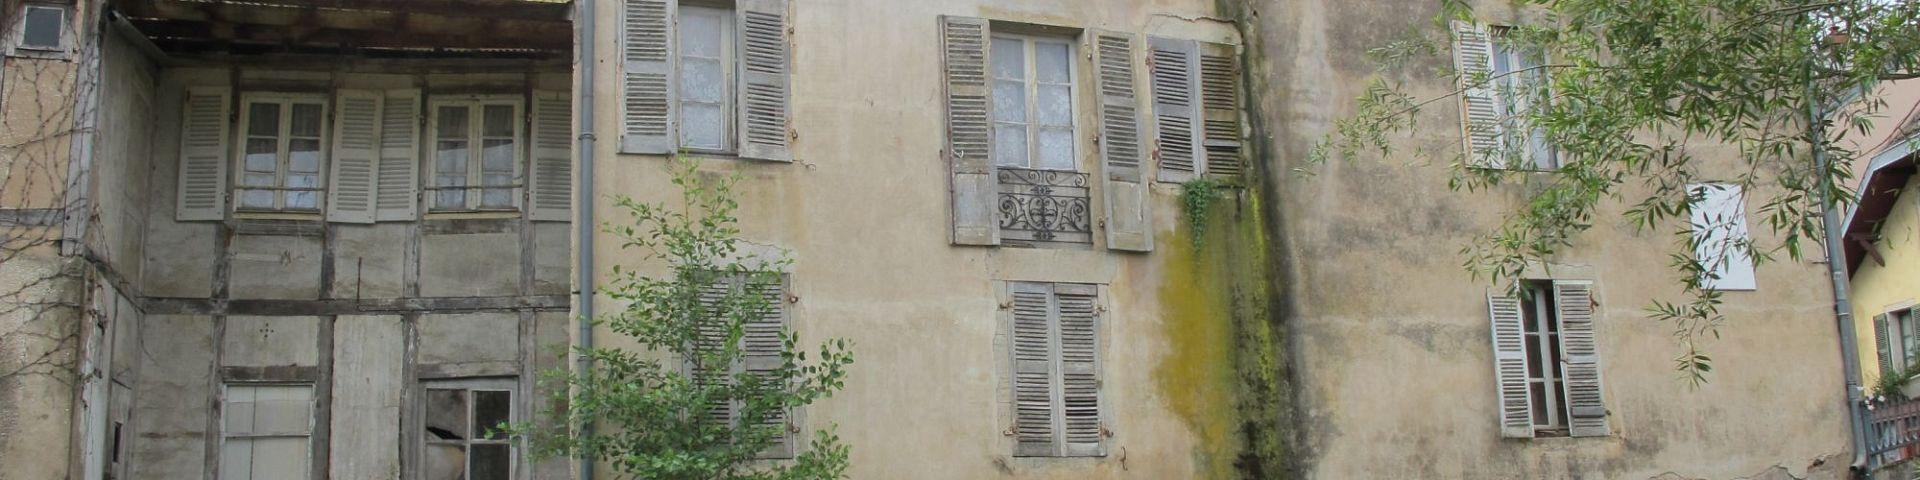 Vitteaux - Bâtiments communaux (21)